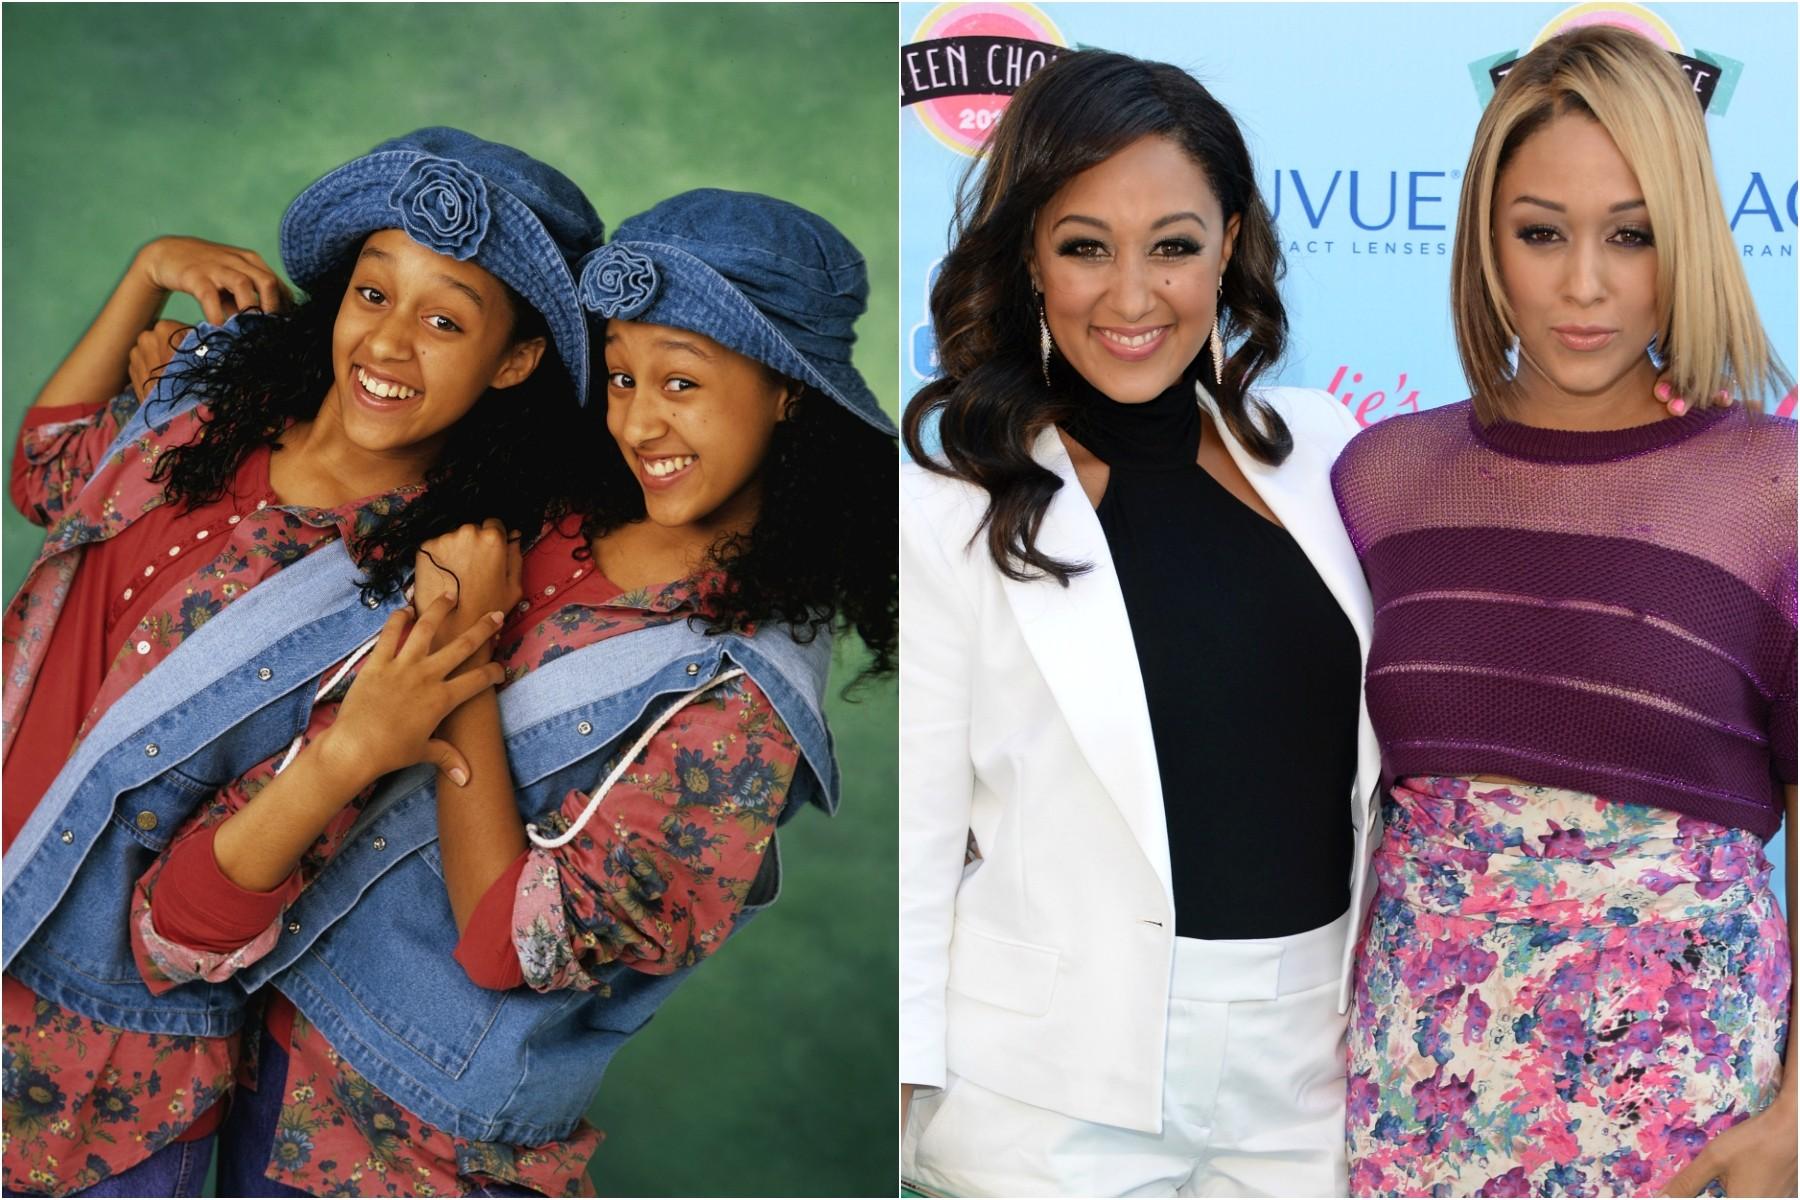 Dos 15 aos 21 anos de vida, Tia e Tamera Mowry agitavam a programação da Nickelodeon vivendo as engraçadas protagonistas da sitcom 'Irmã ao Quadrado' (1994–1999). As gêmeas agora têm 35 anos. (Foto: Divulgação e Getty Images)